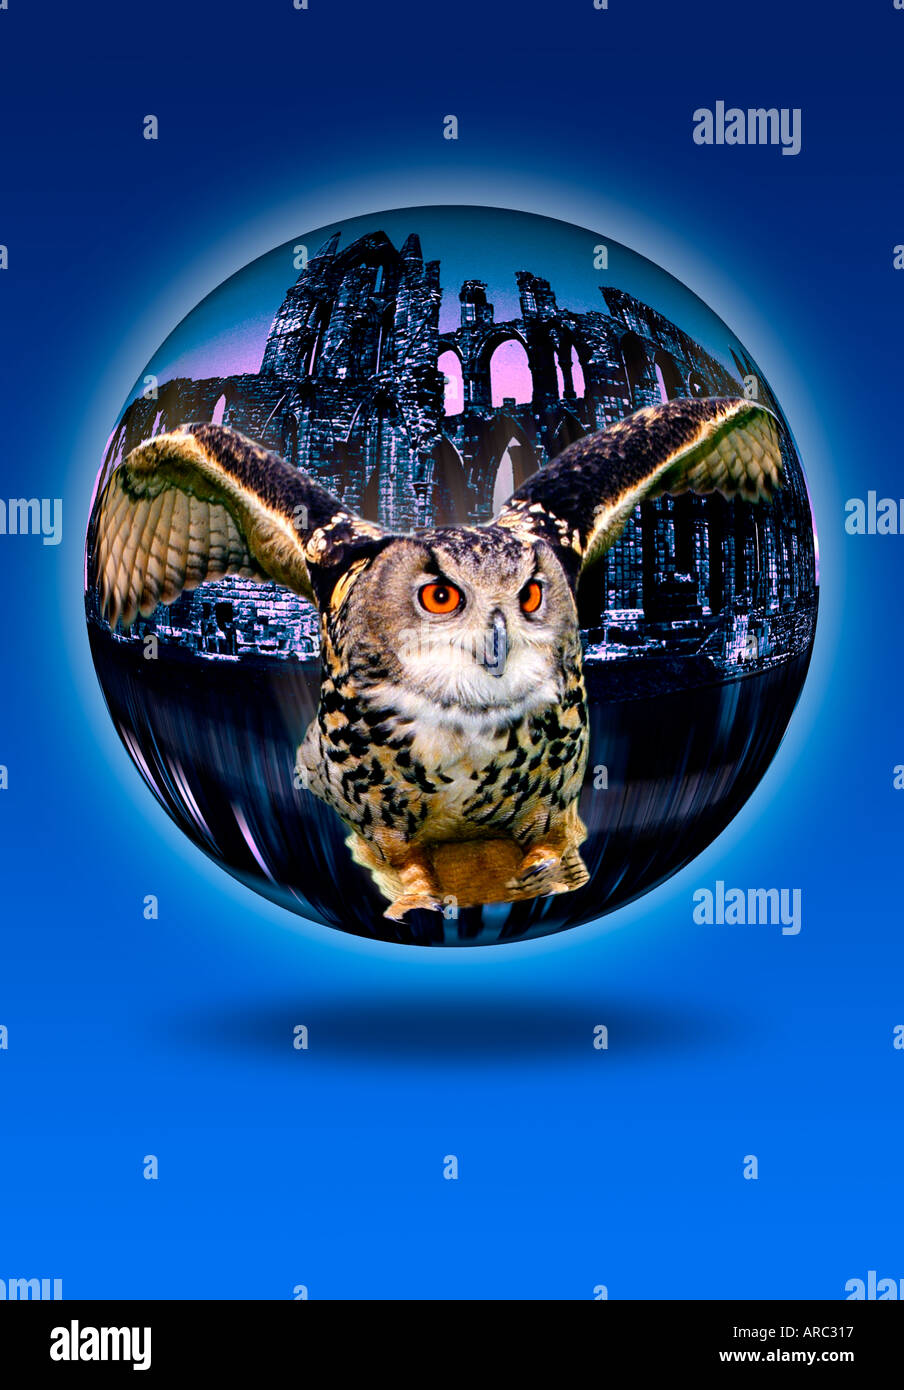 Owl sfera di cristallo concetto Immagini Stock